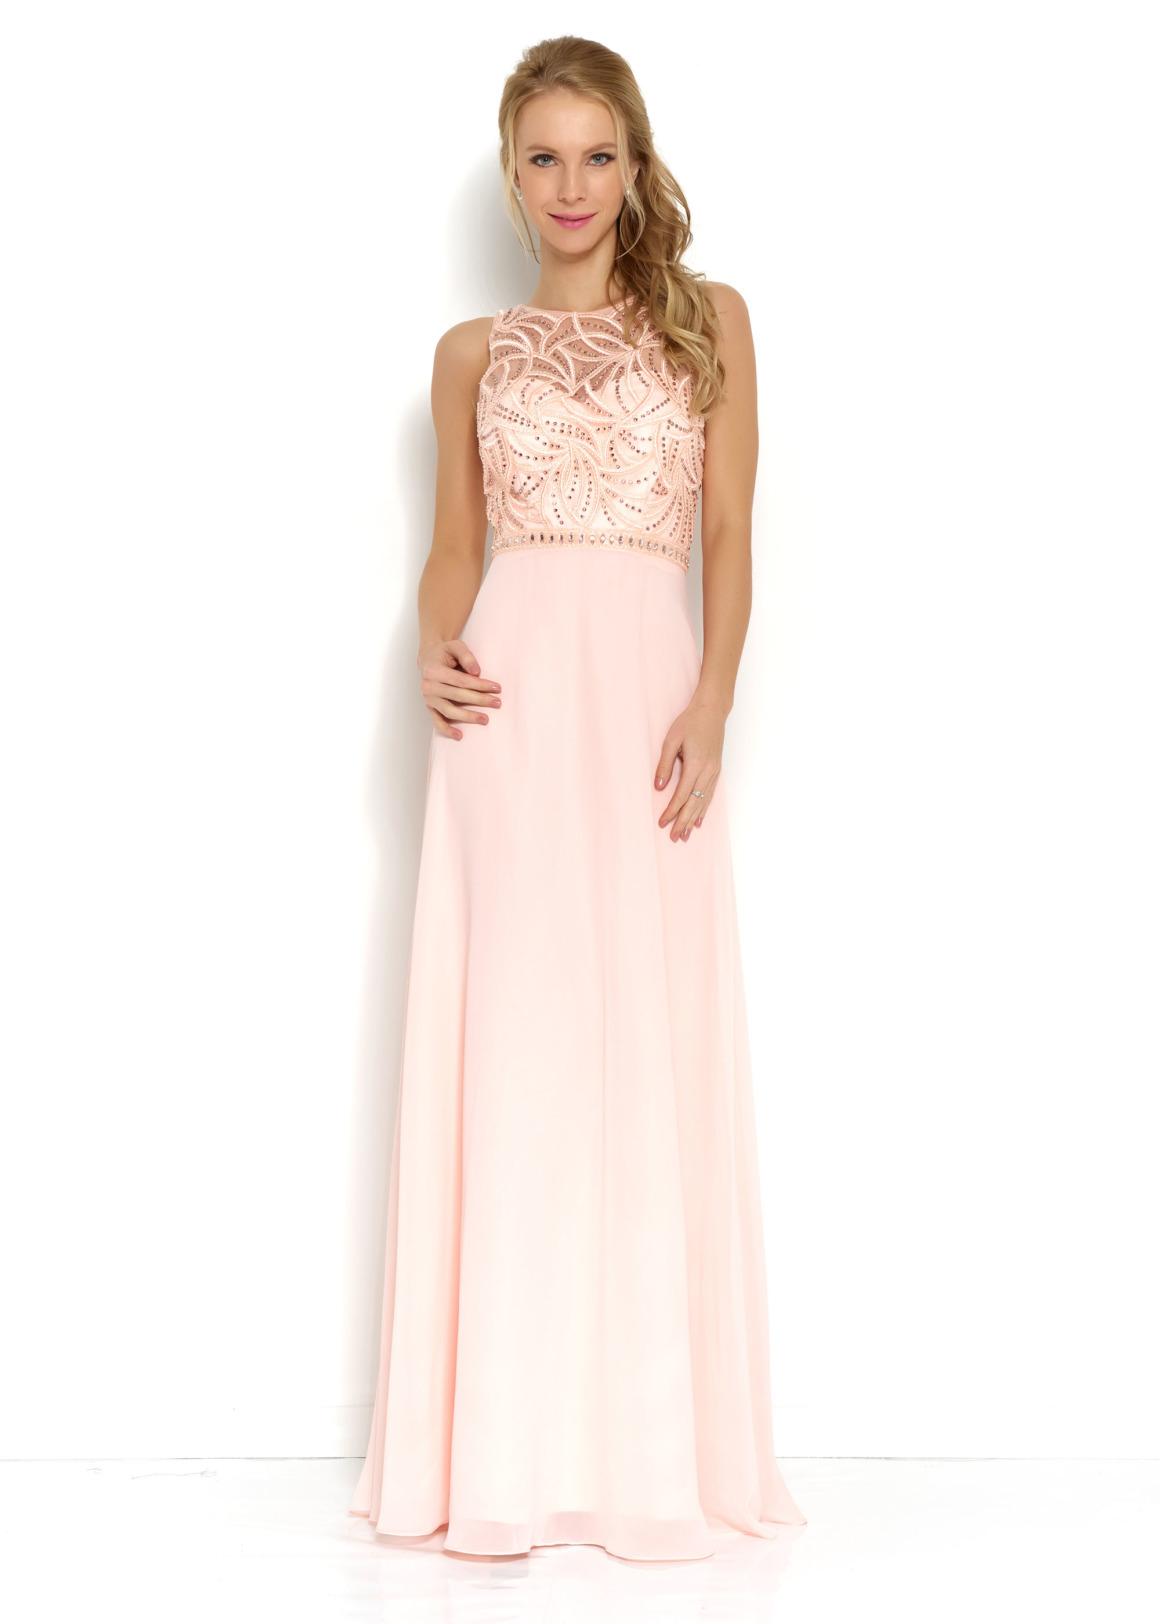 Brautjungfern Kleid Hochzeit Mode klassisch Trauzeugin Brides Maid soft pastell peach